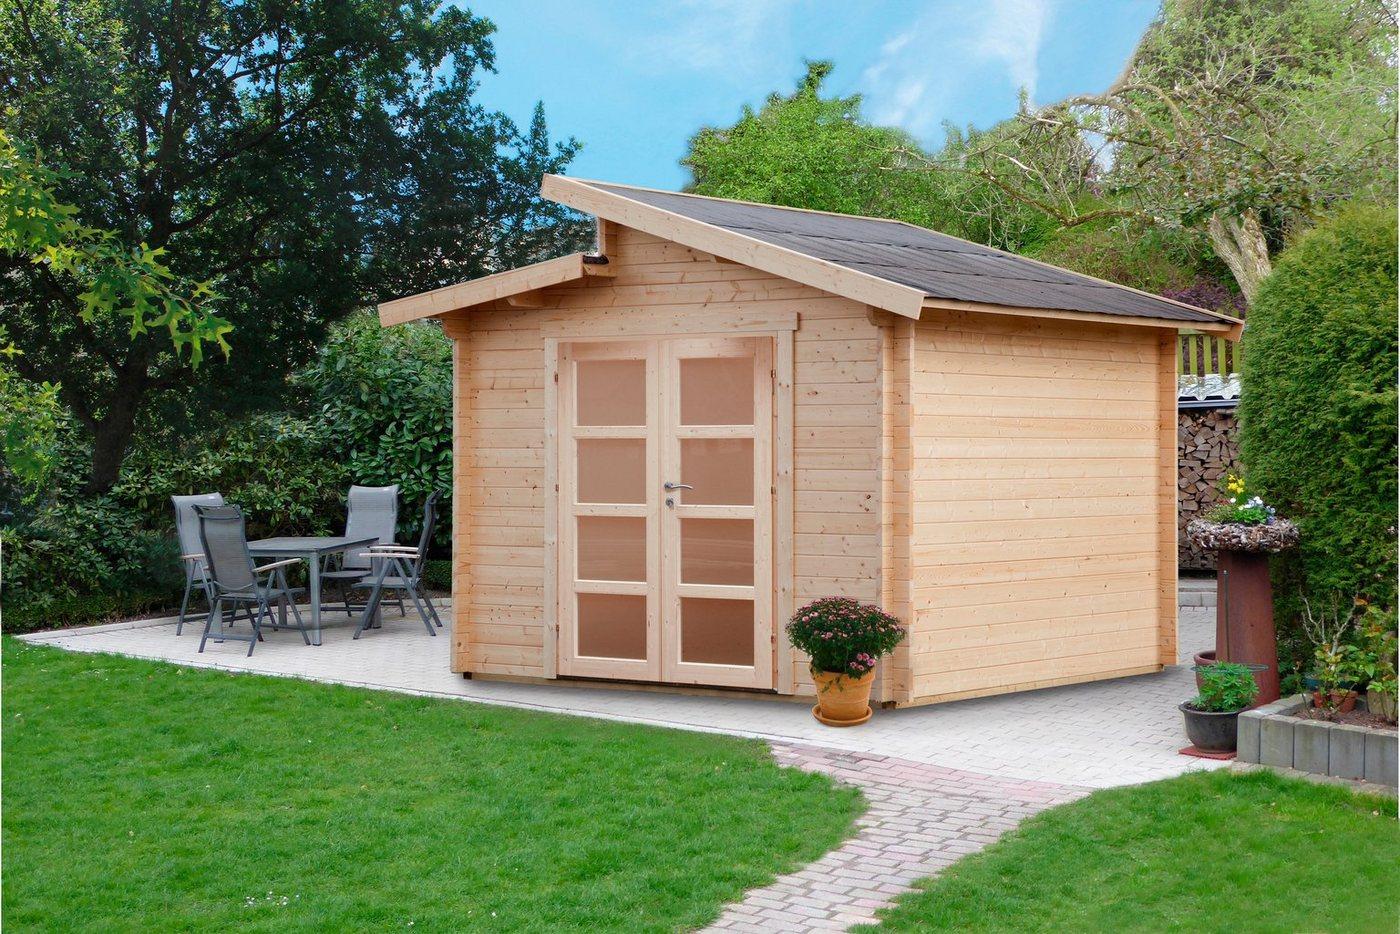 WOLFF FINNHAUS Gartenhaus »Bornholm 40-A Typ 5«, BxT: 330x280 cm, inkl. Fußboden | Garten > Bodenbeläge-Garten | Wolff